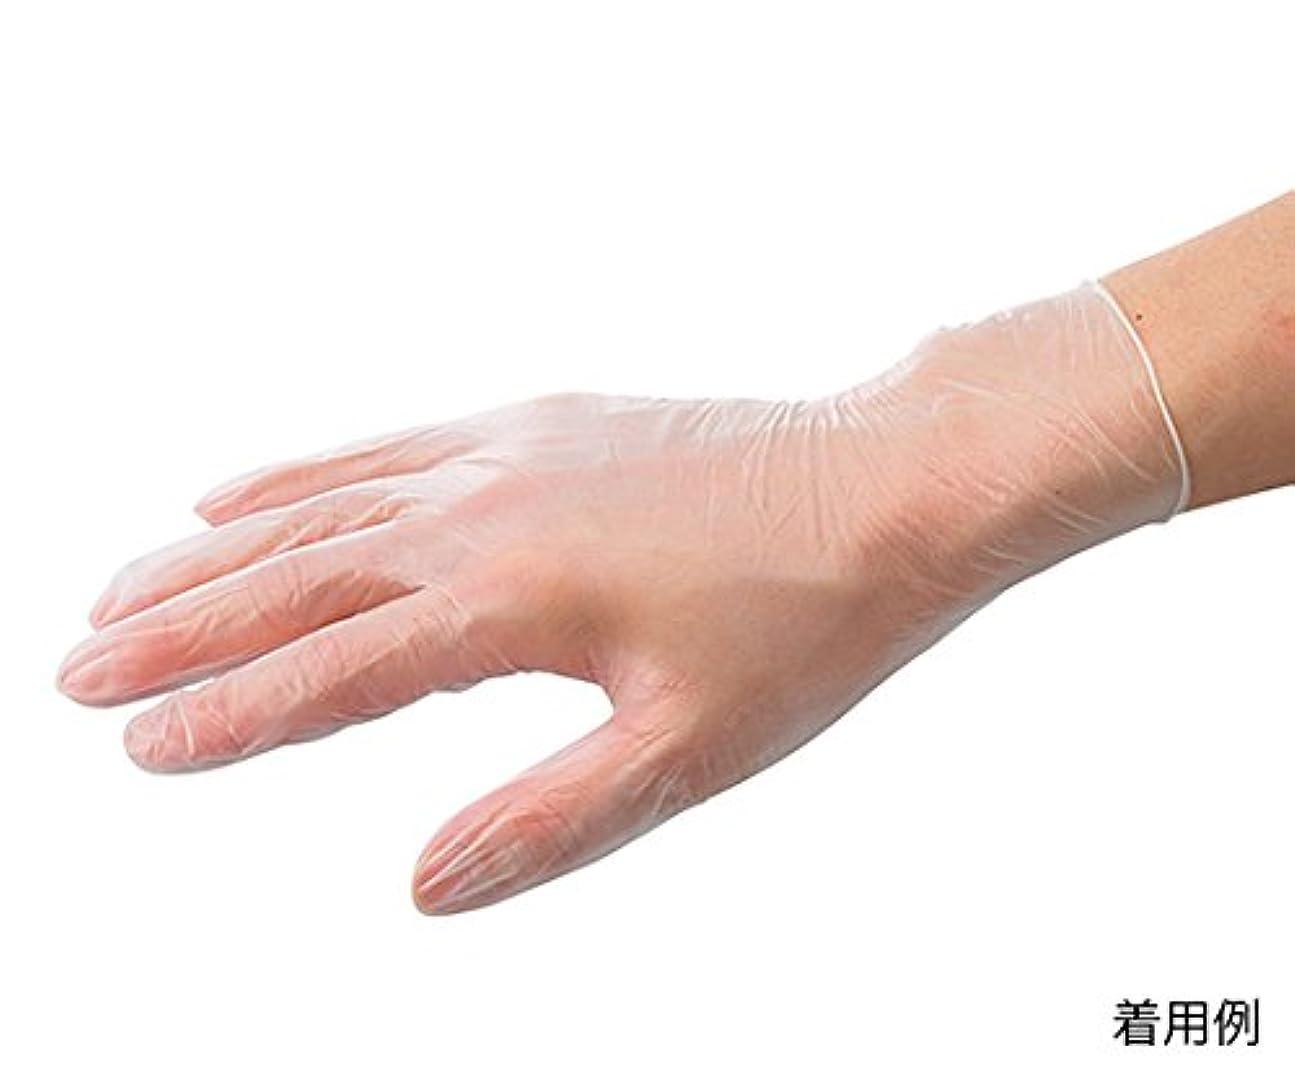 区画やる香港ARメディコム・インク・アジアリミテッド7-3727-03バイタルプラスチック手袋(パウダー付き)L150枚入